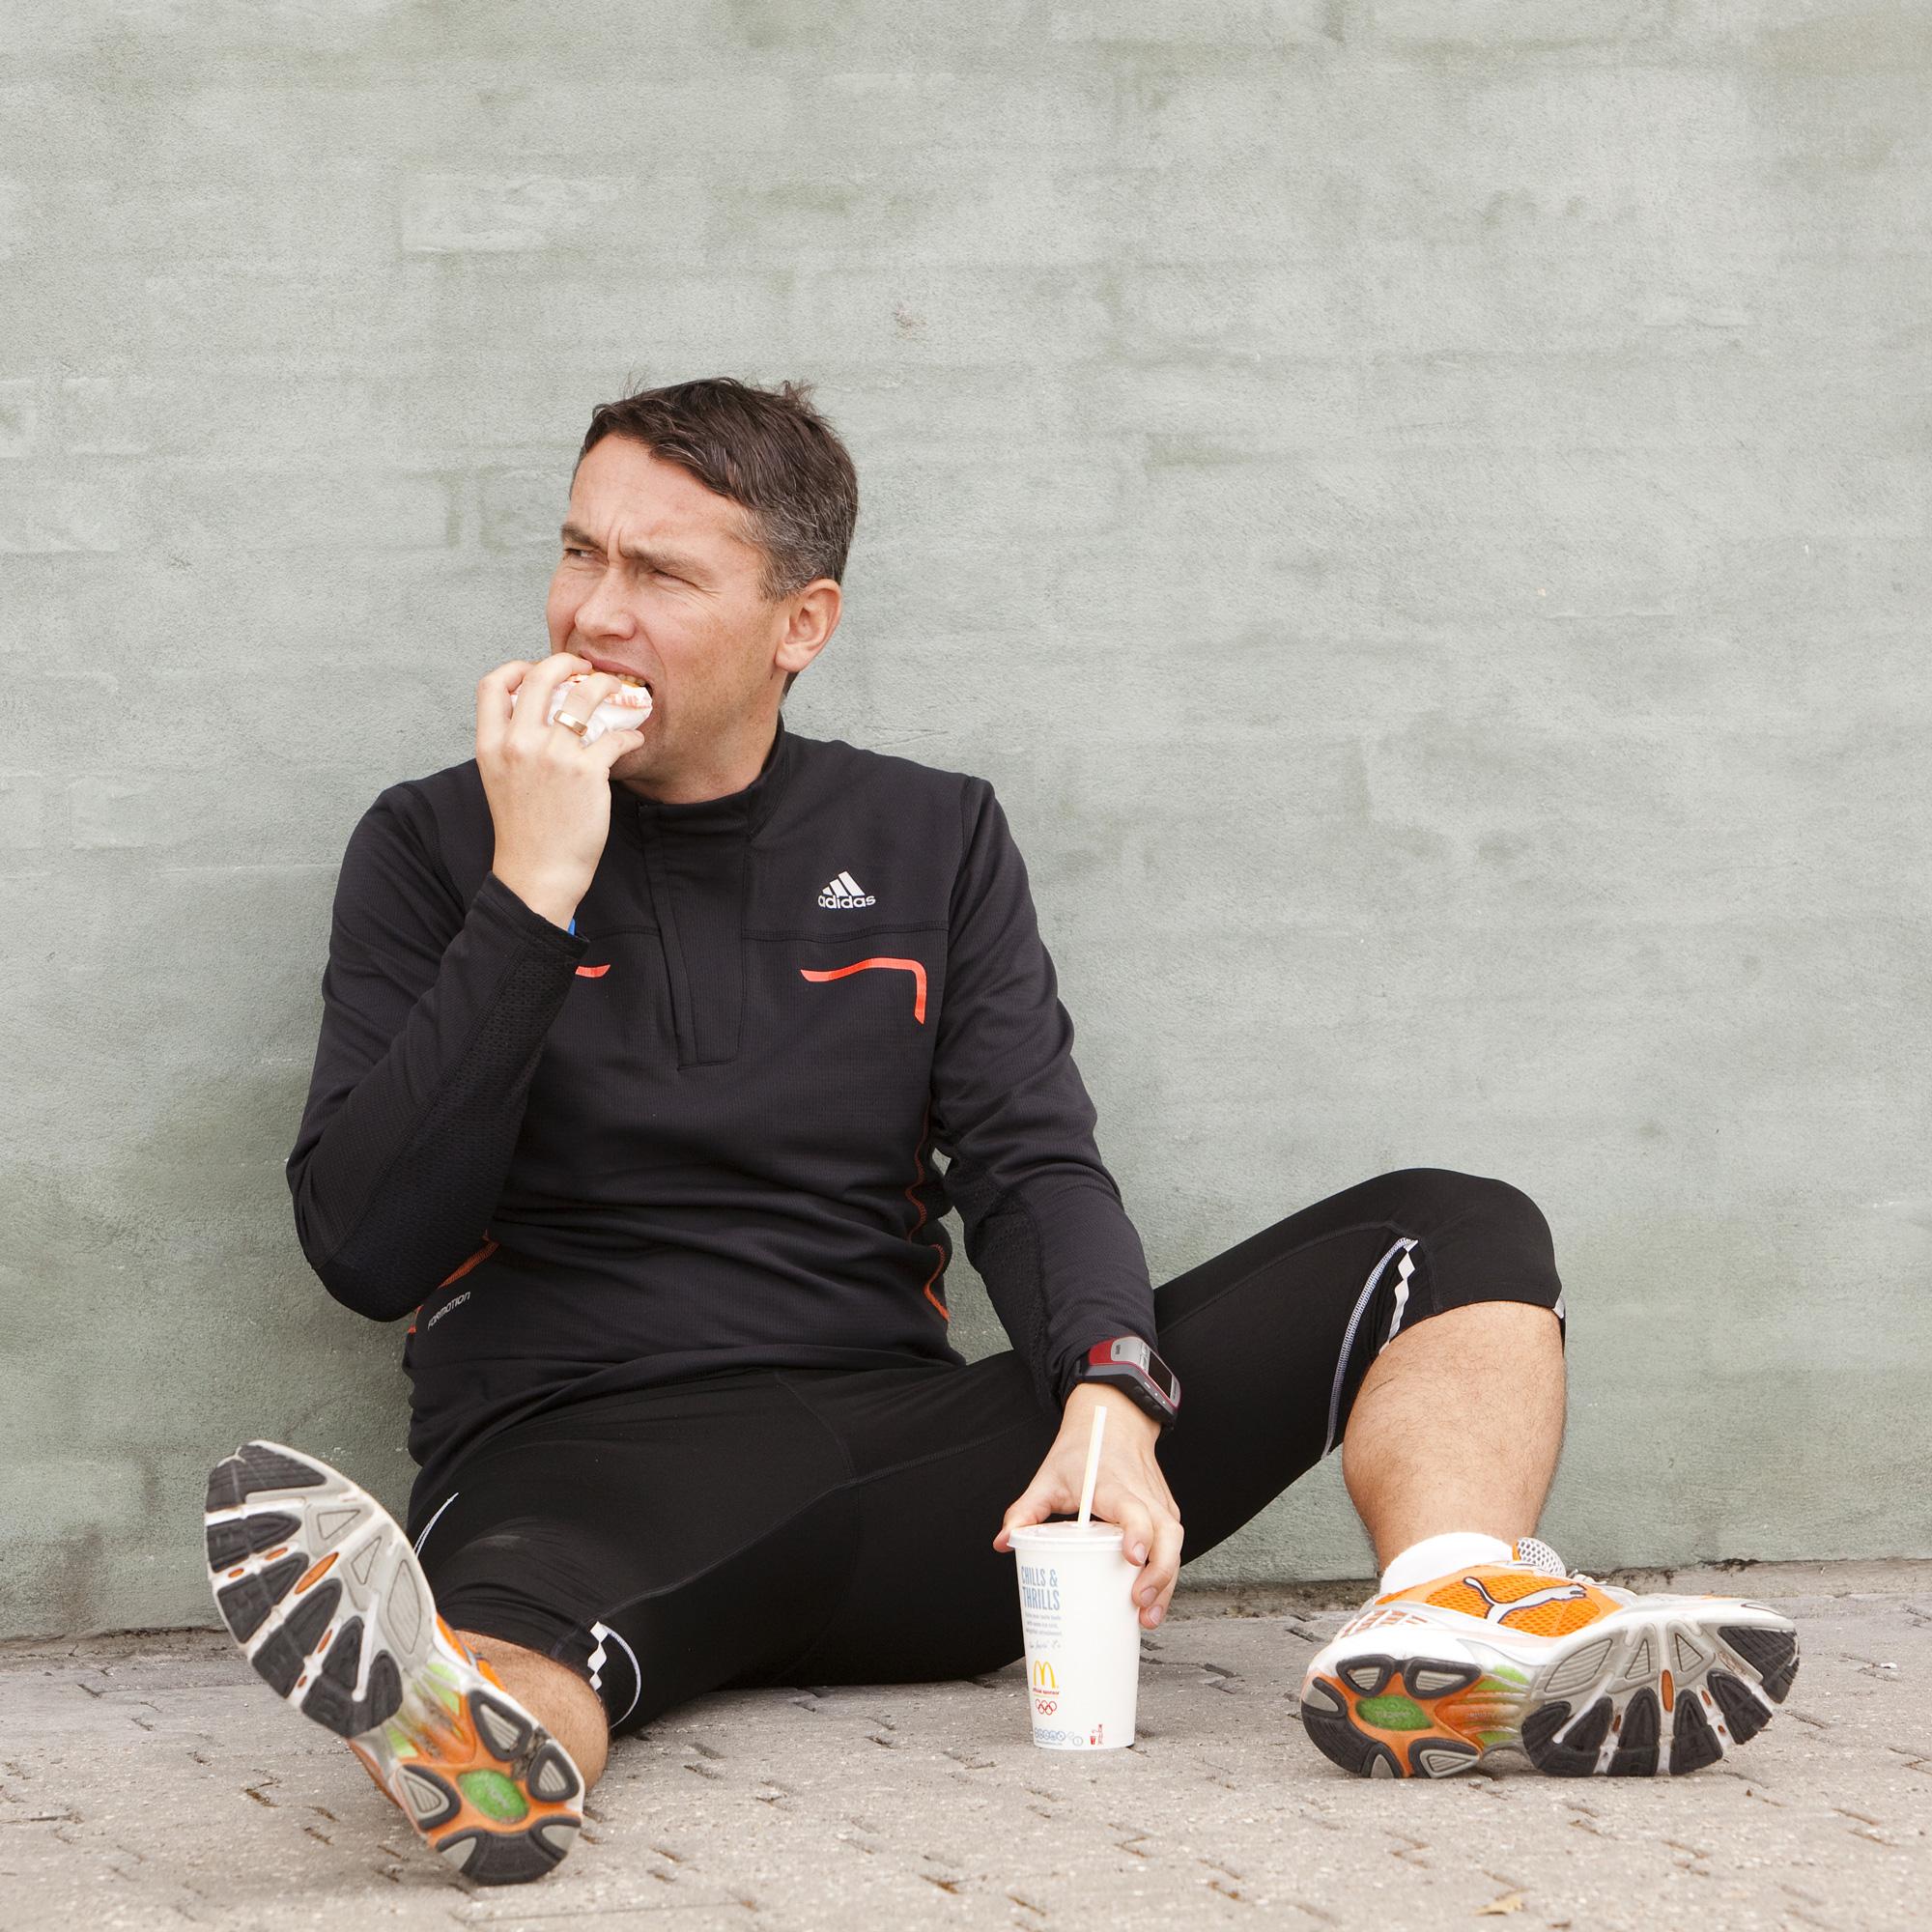 Kost: Spis med omtanke før træning | Aktiv Træning